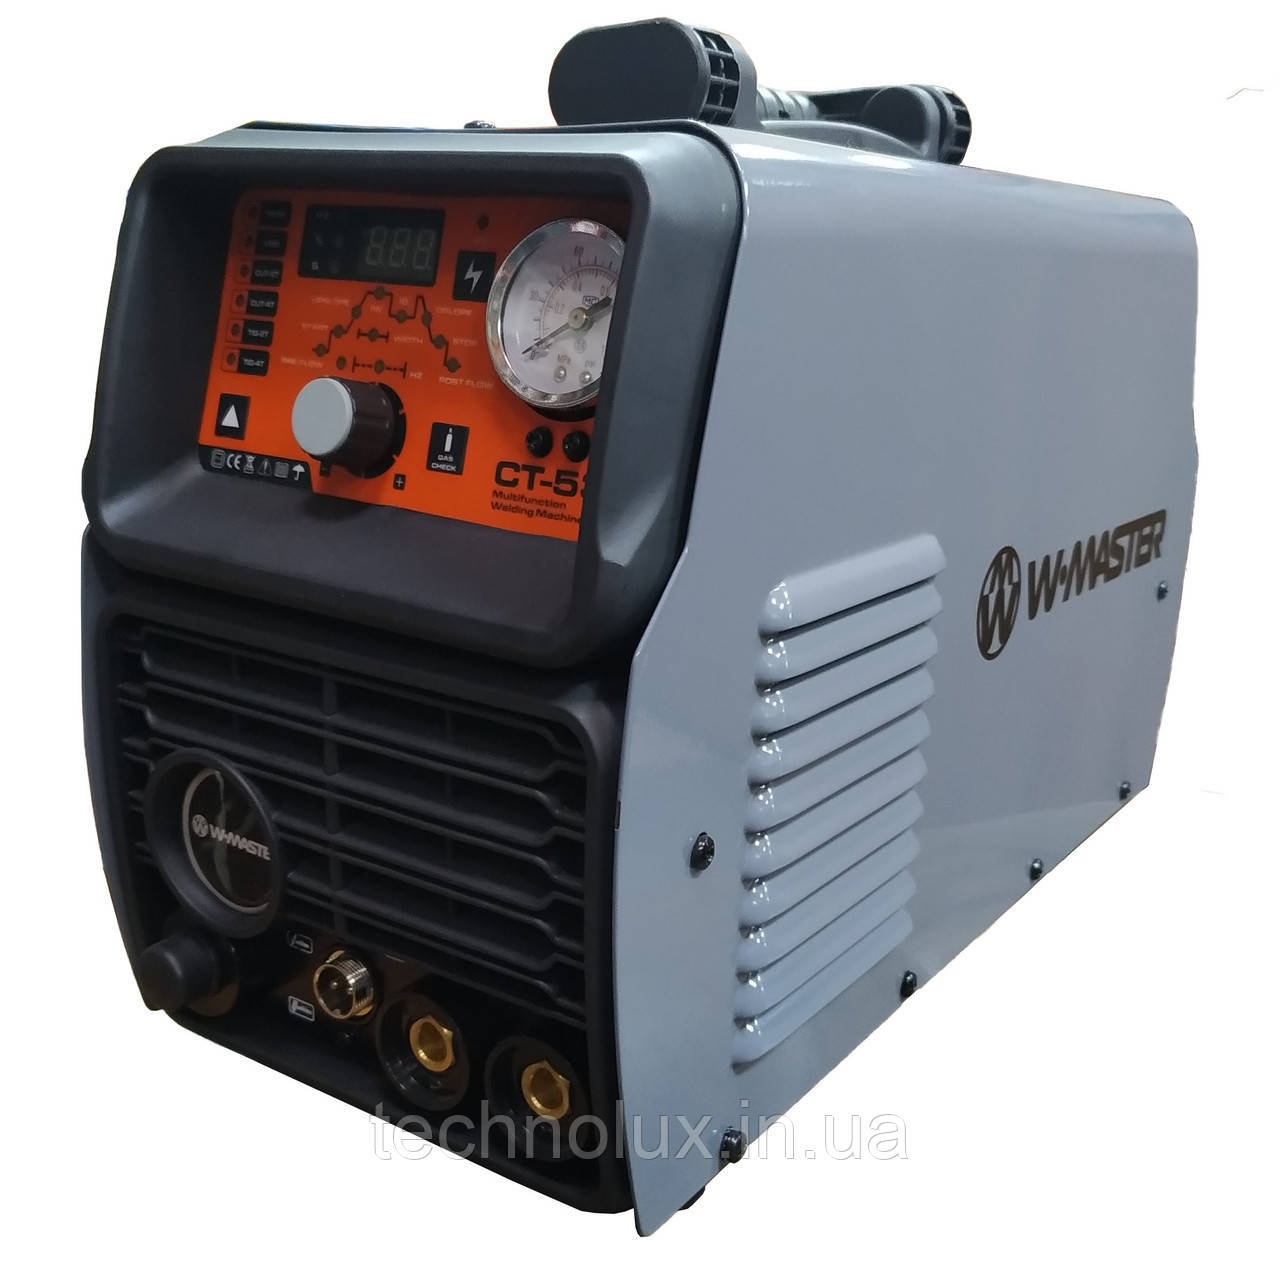 Багатофункціональний зварювальний інвертор W-MASTER СТ-530